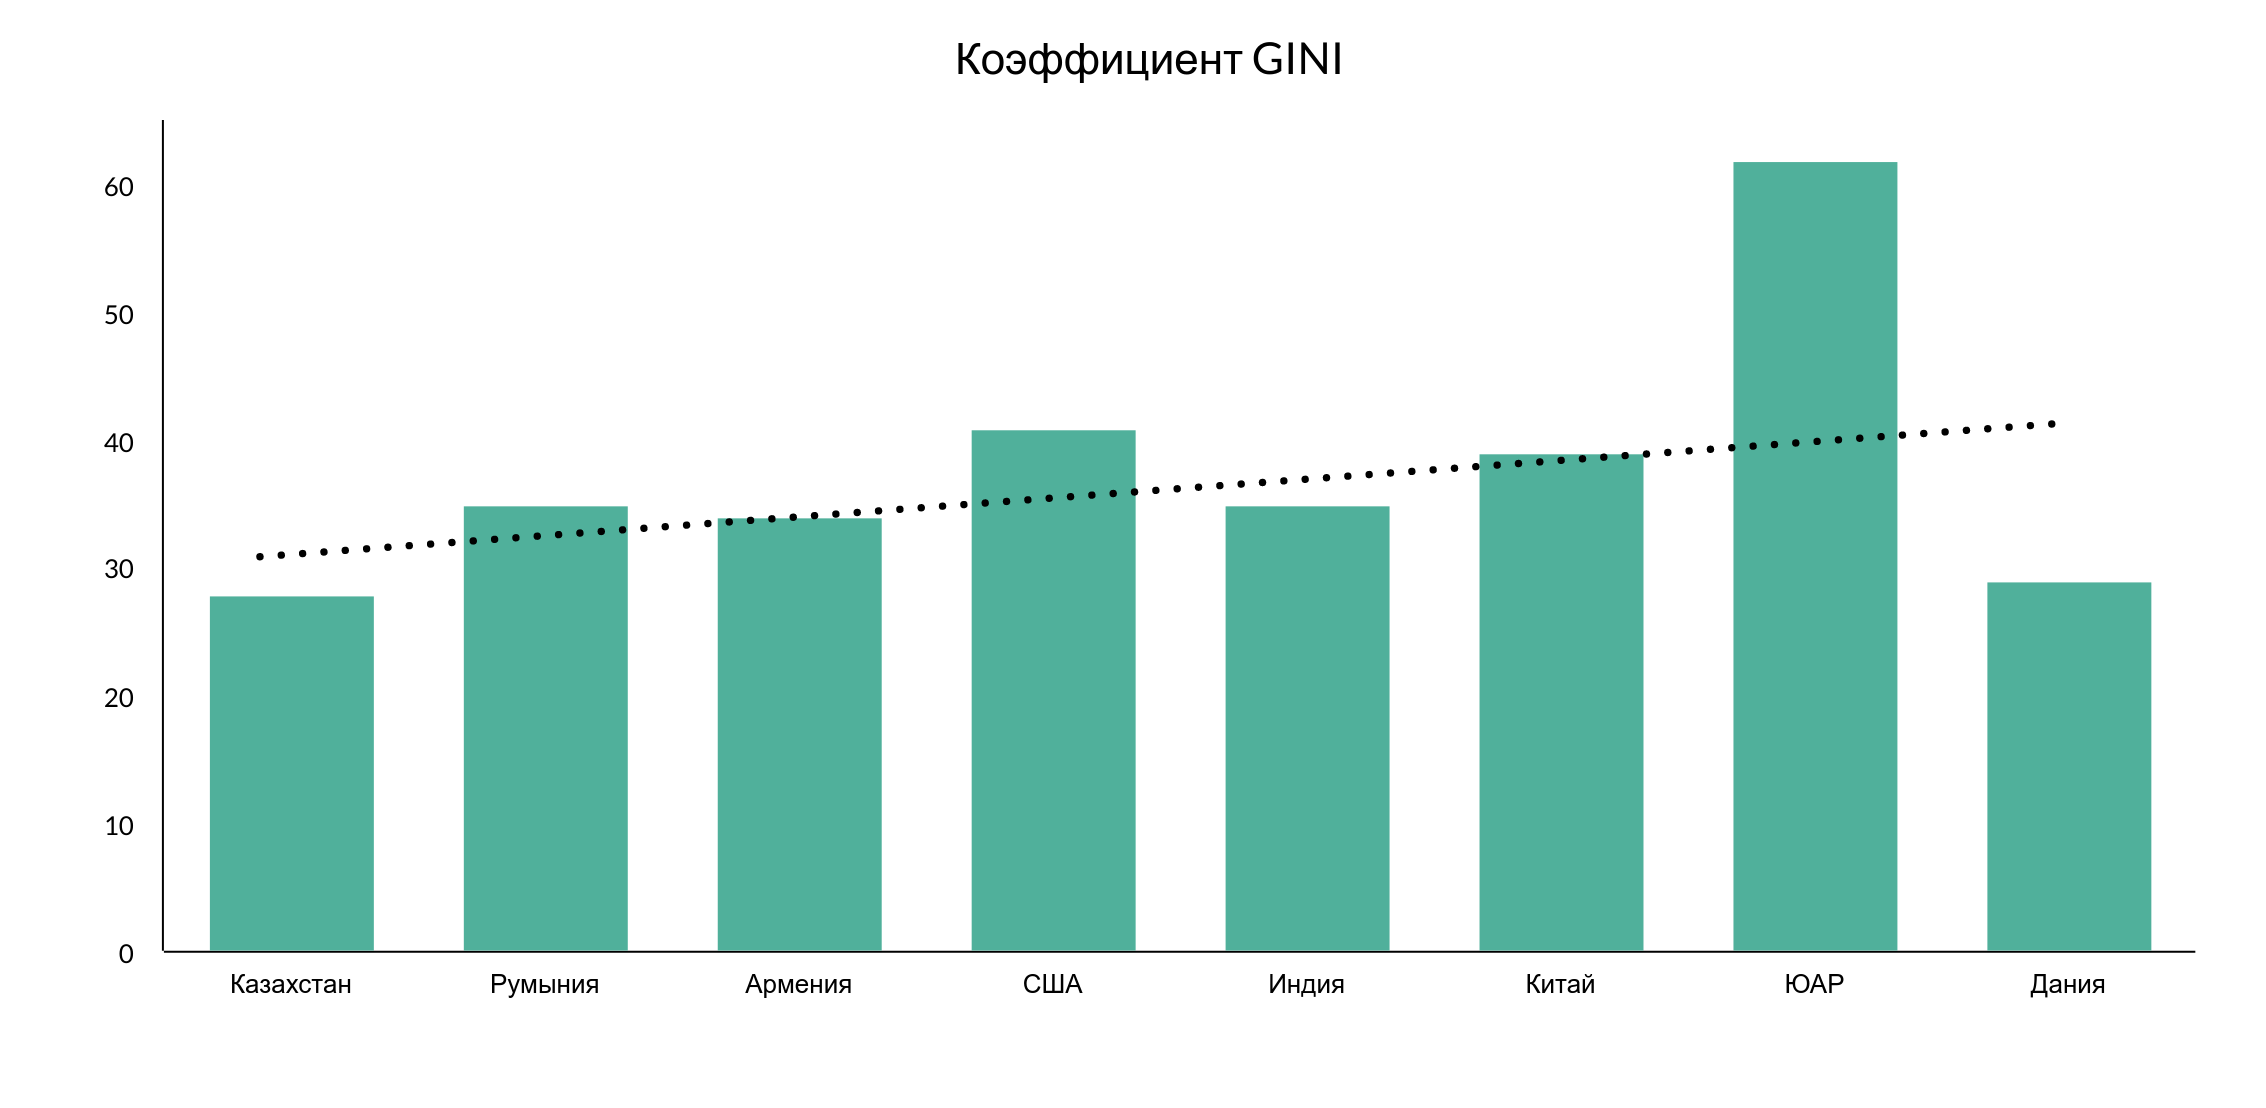 Прогрессивная шкала: назад в прошлое или шаг вперед 387160 - Kapital.kz